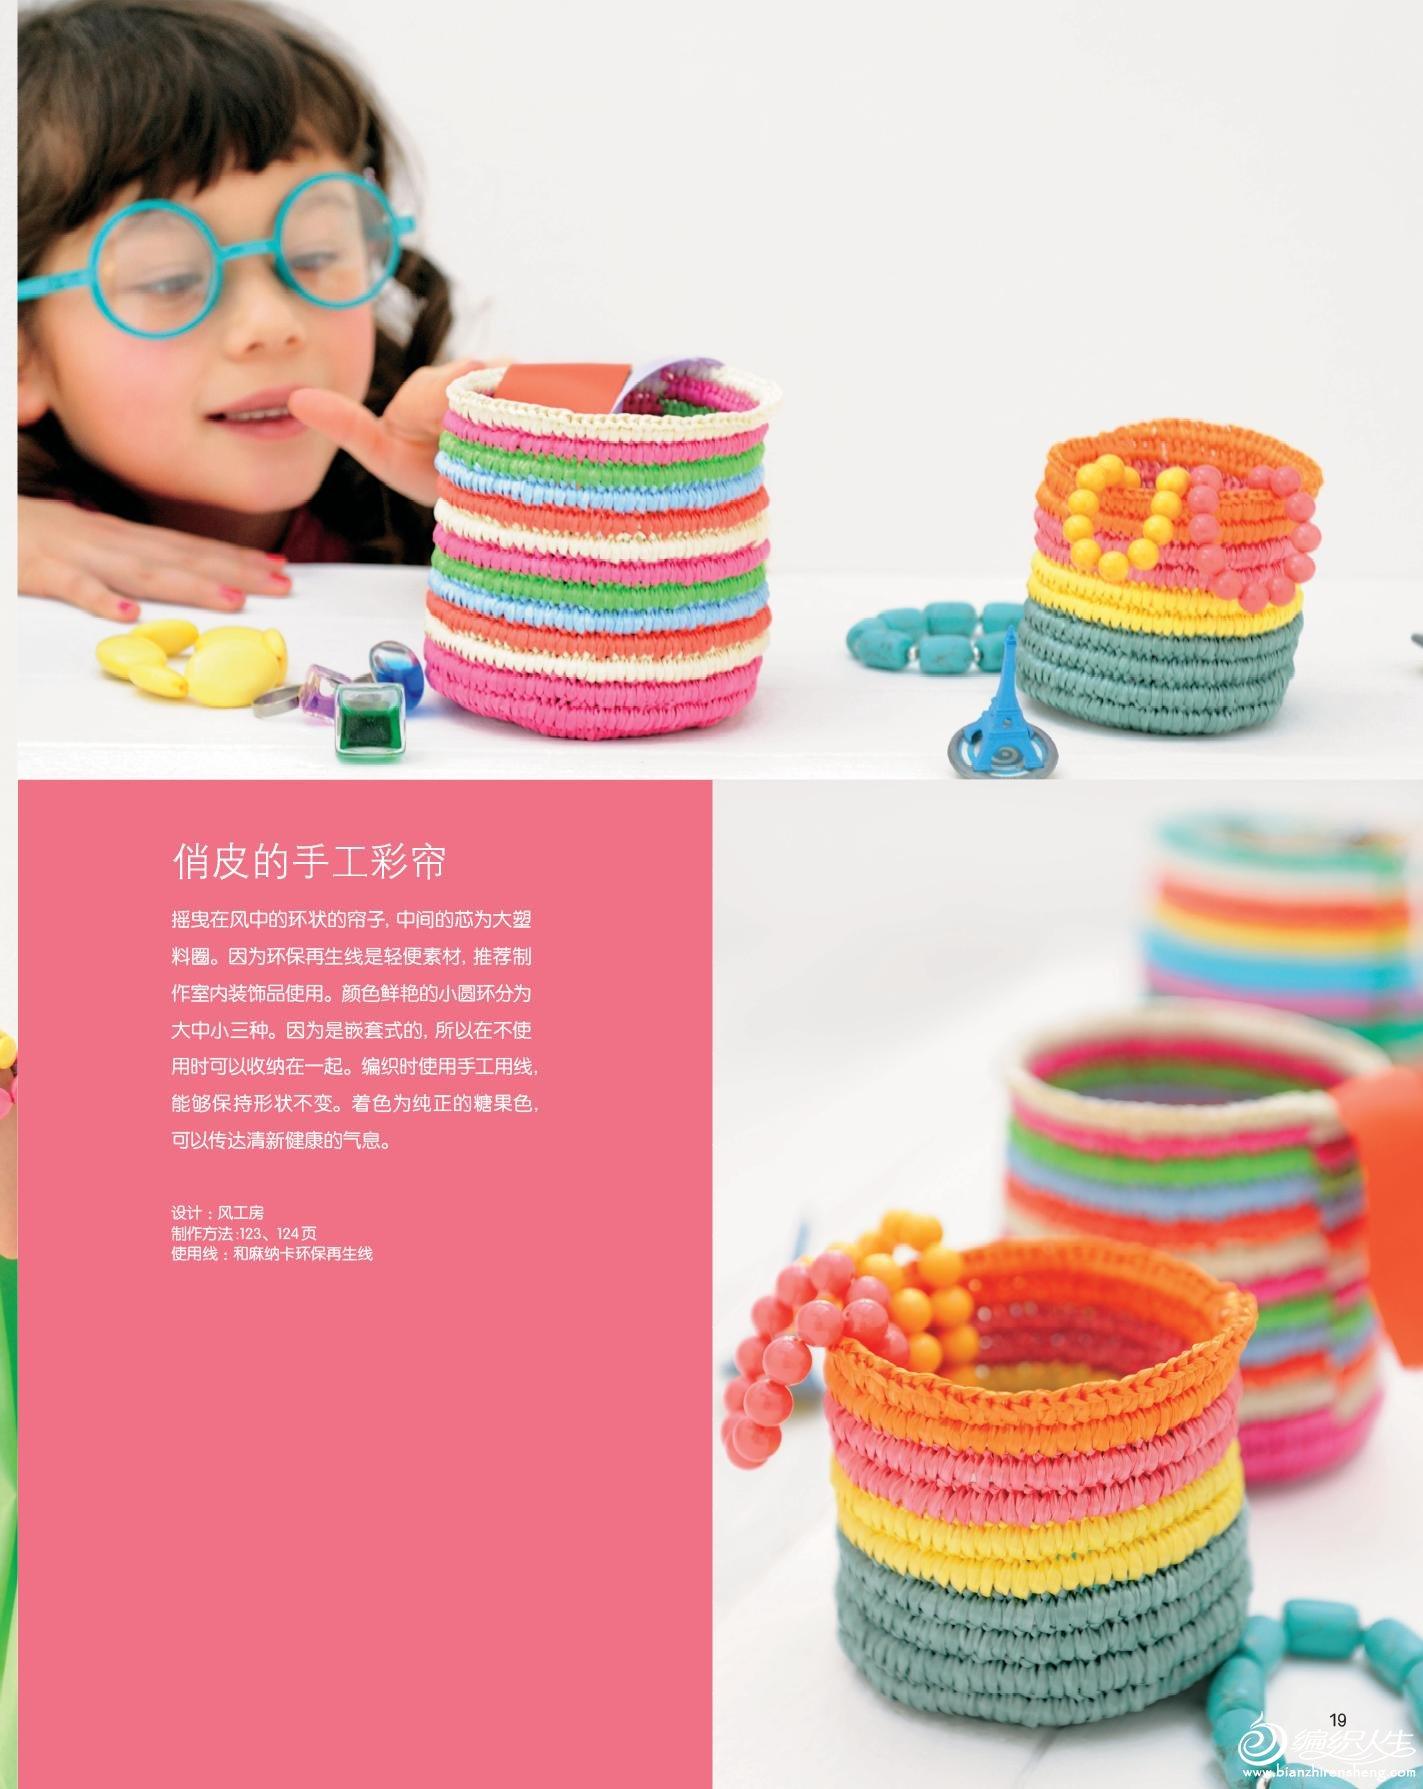 毛线球1-105-19.jpg